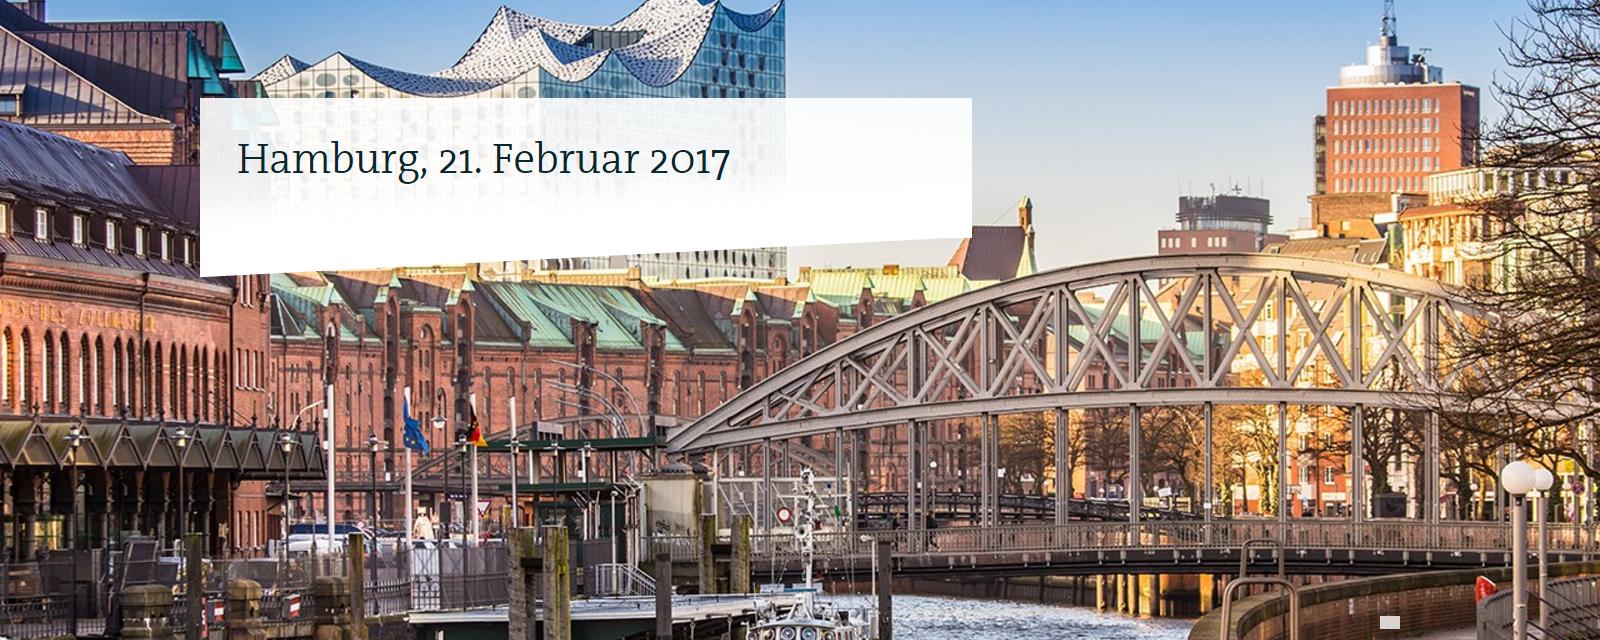 Die Bitkom-Mittelstandstour Hamburg